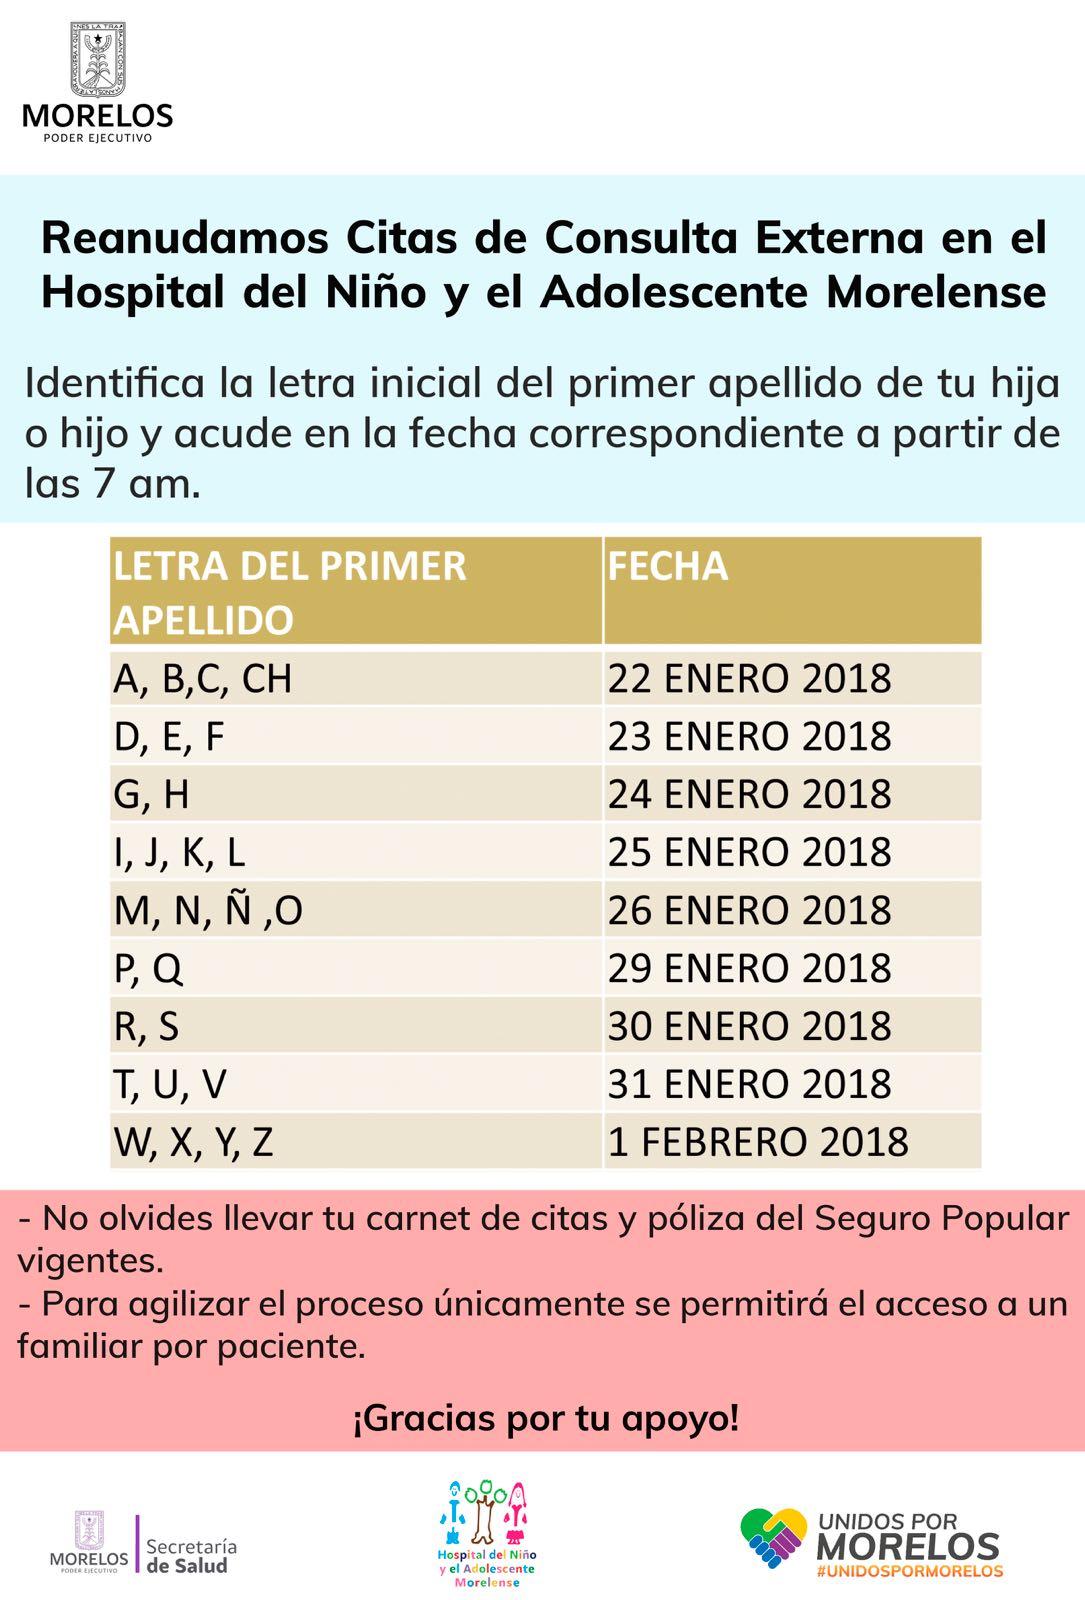 REANUDA HNAM CITAS DE CONSULTA EXTERNA | Secretaria de Salud